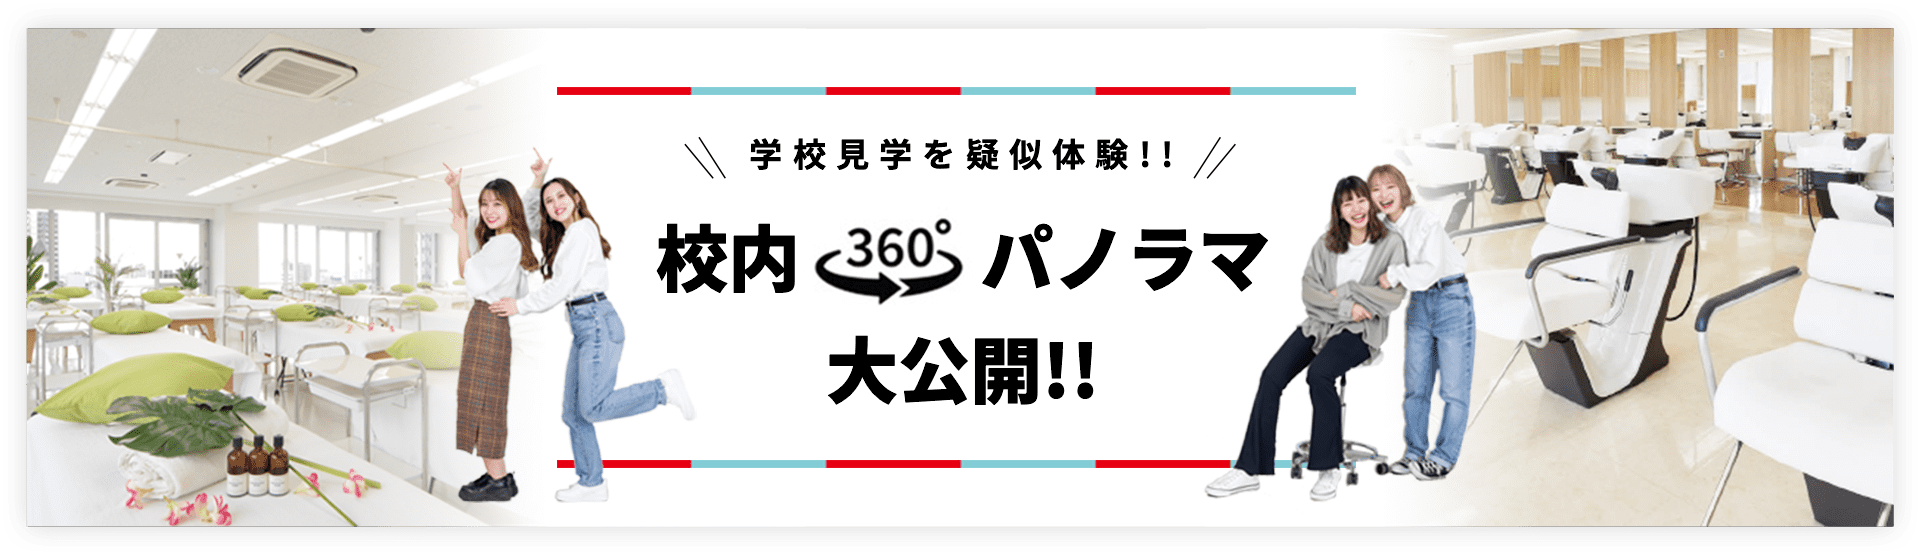 校内360°パノラマ大公開!!